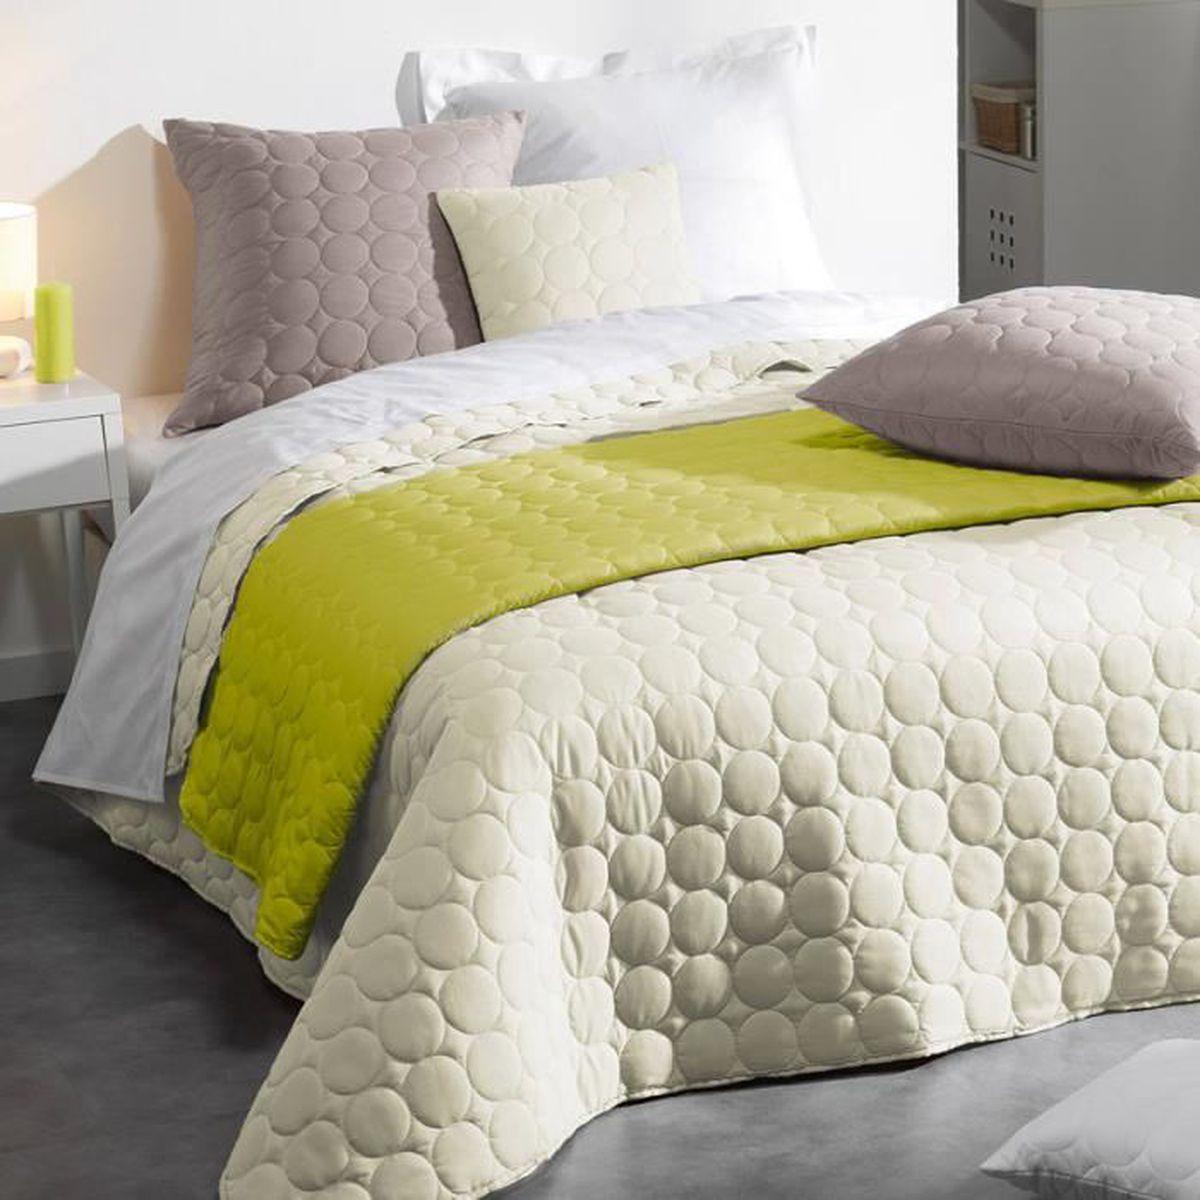 alinea dessus de lit dessus de lit alinea dessus de lit alinea dessus de lit alinea housse de. Black Bedroom Furniture Sets. Home Design Ideas